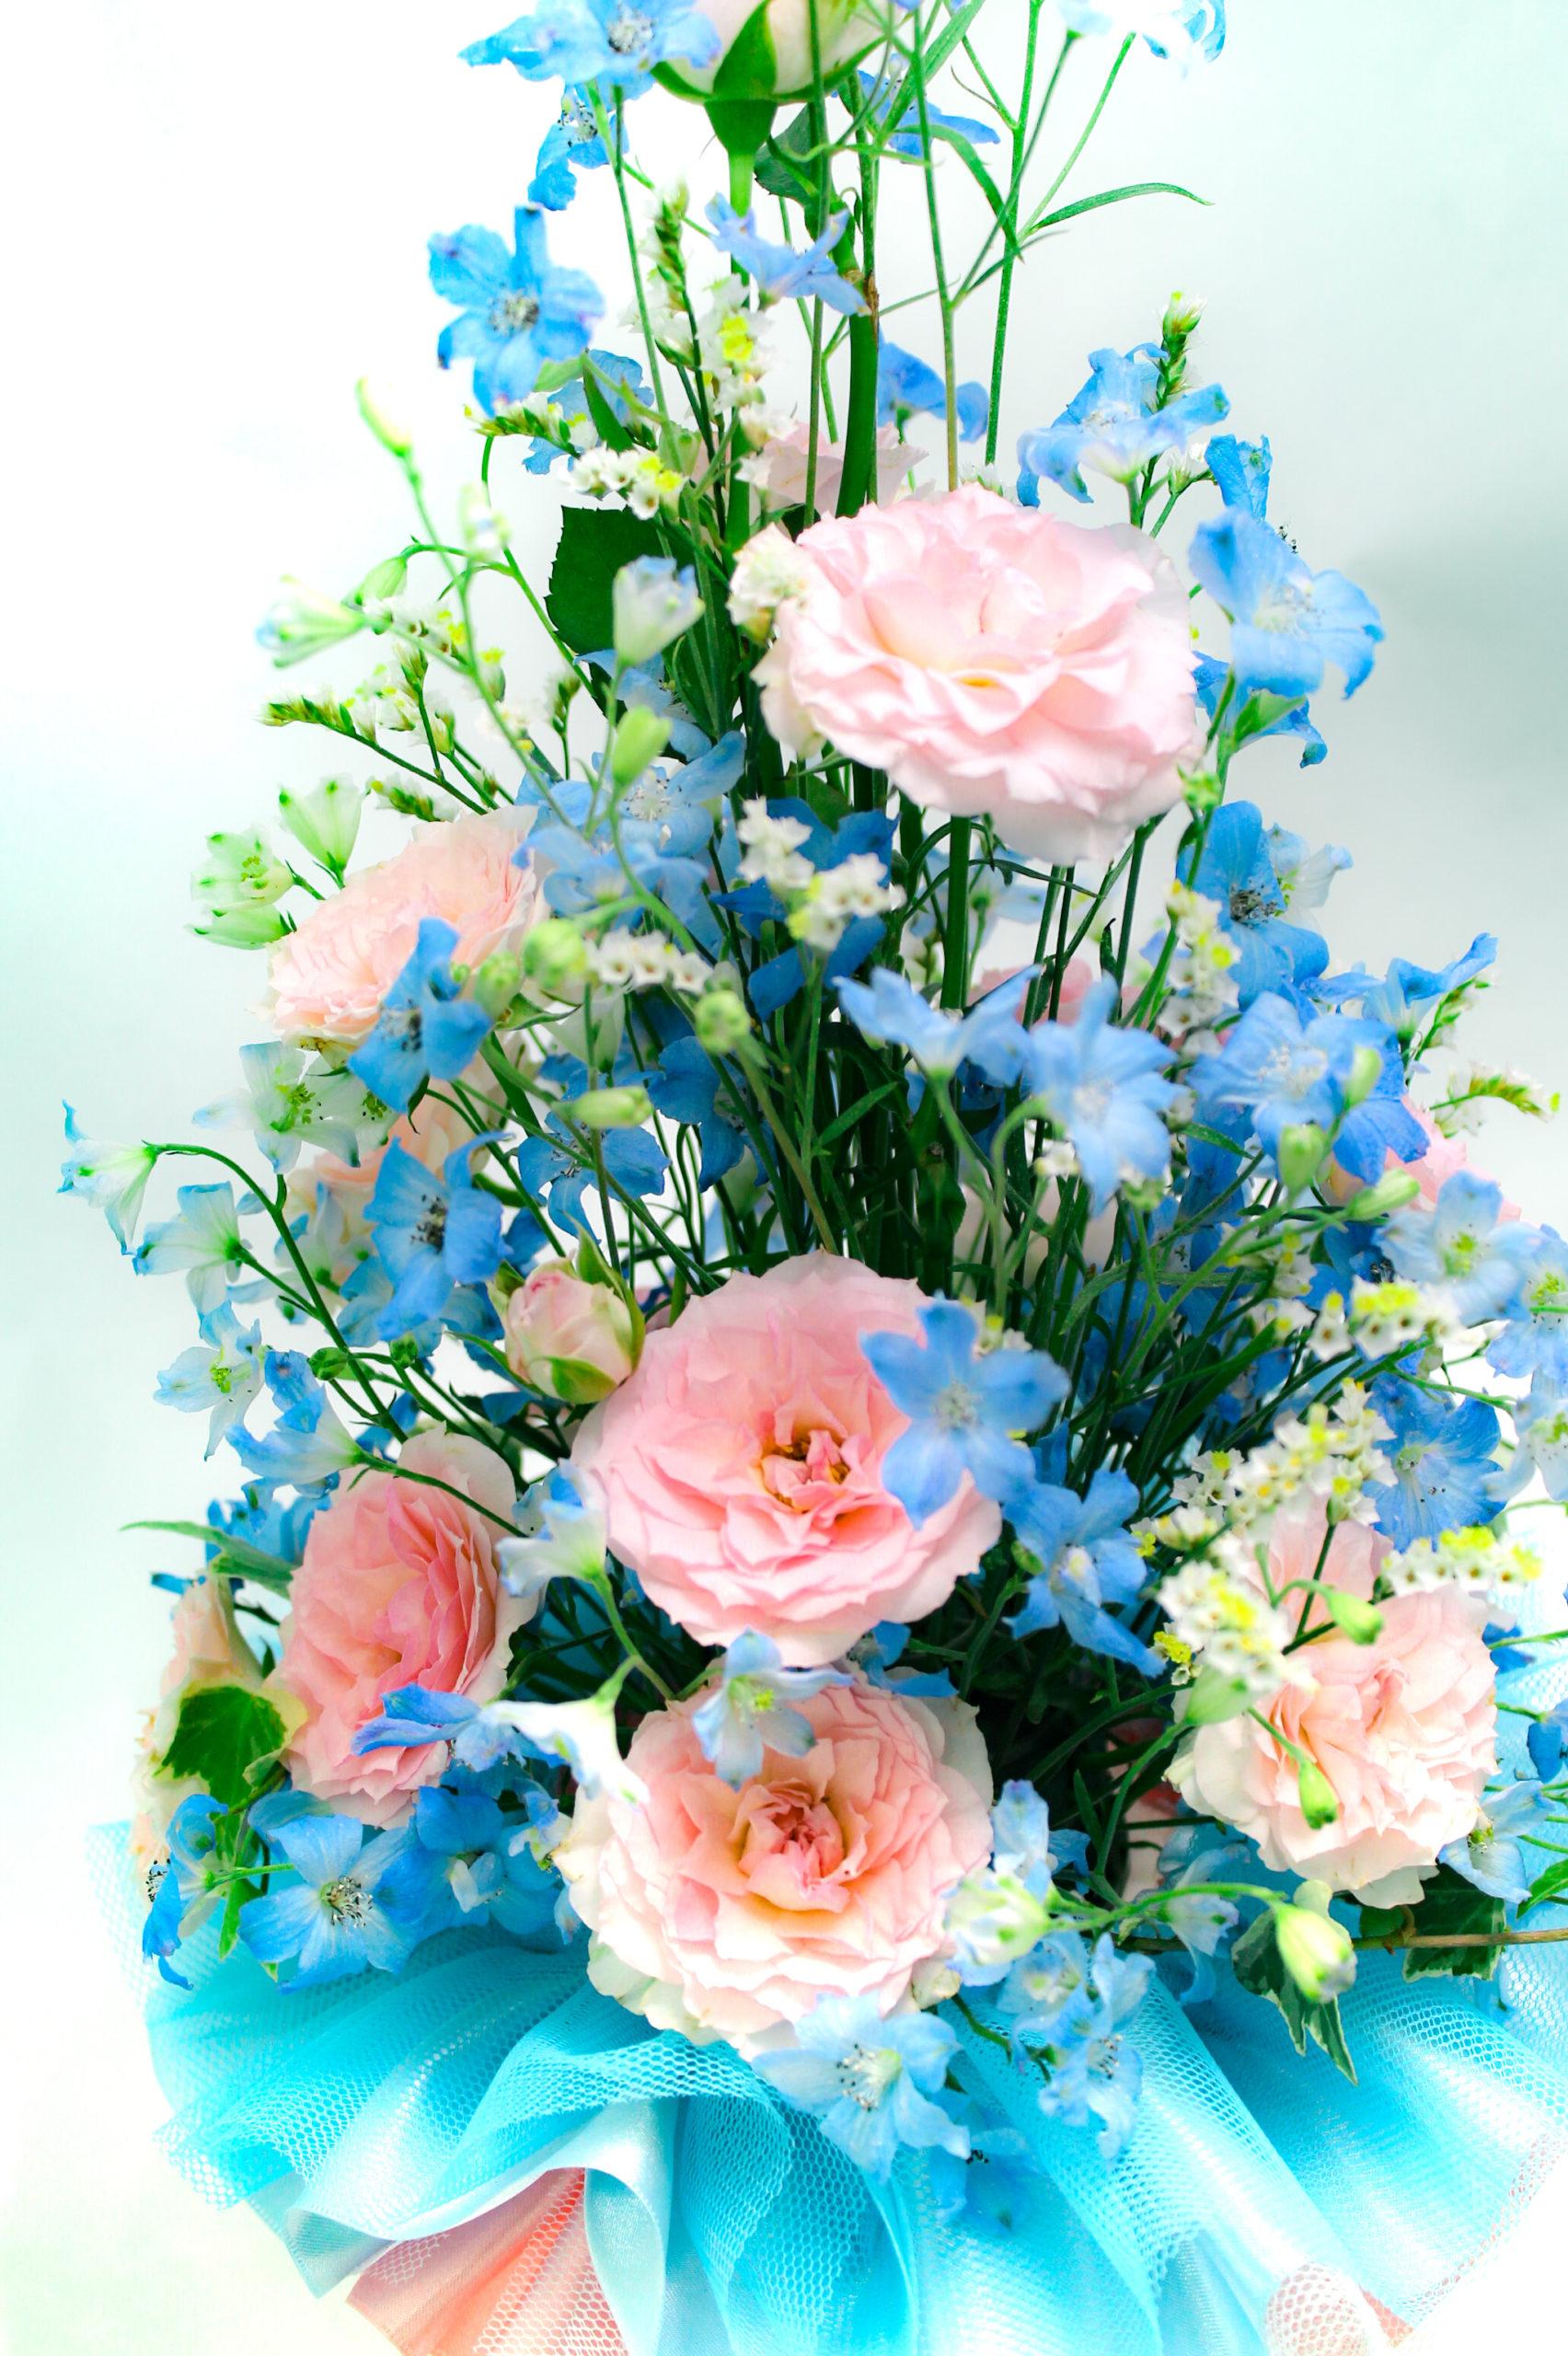 ピンクの薔薇のフラワーアレンジメントの写真